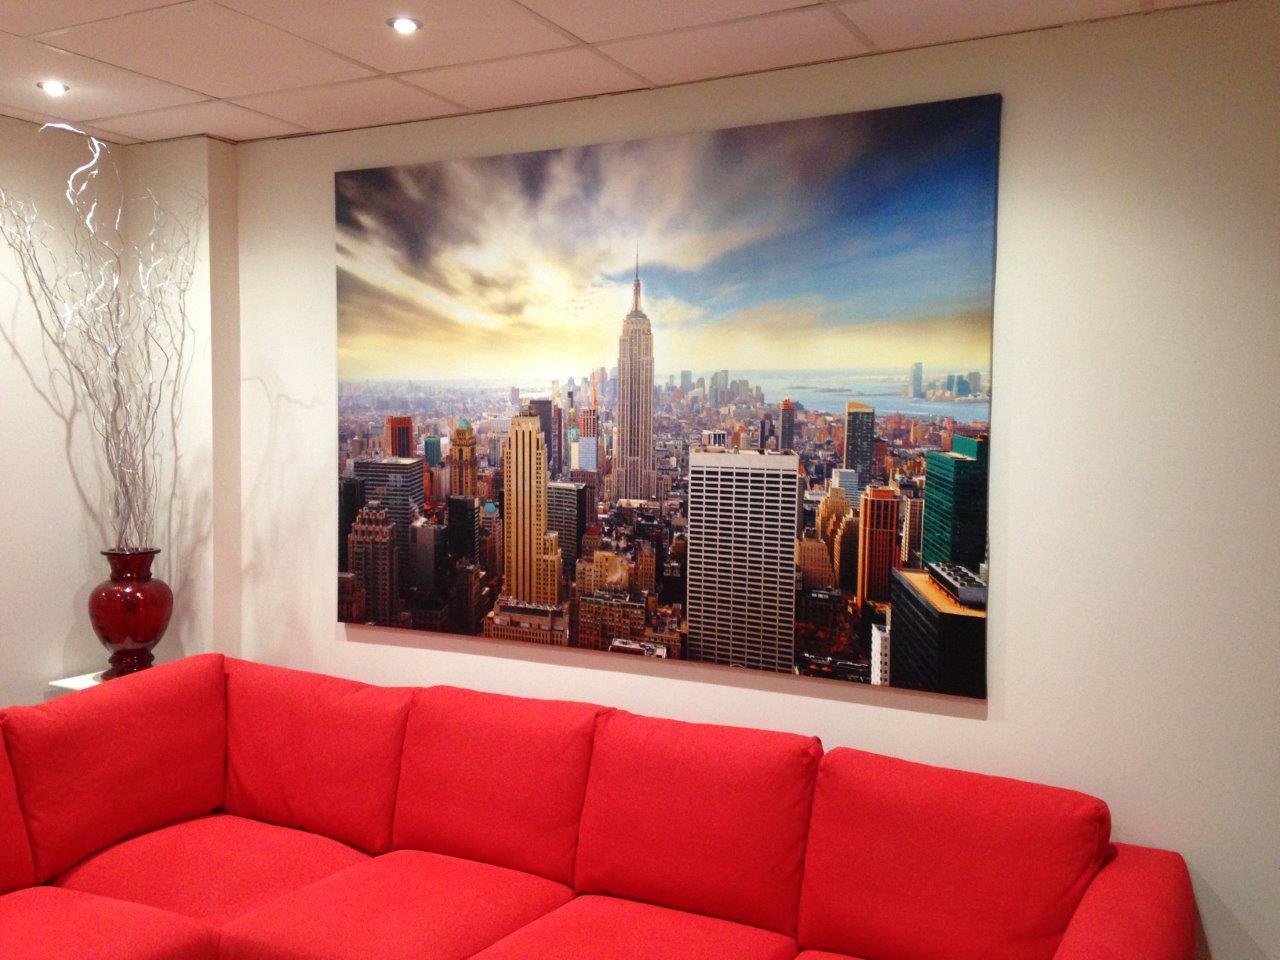 d coration de bureau et salle d 39 attente d co new york. Black Bedroom Furniture Sets. Home Design Ideas